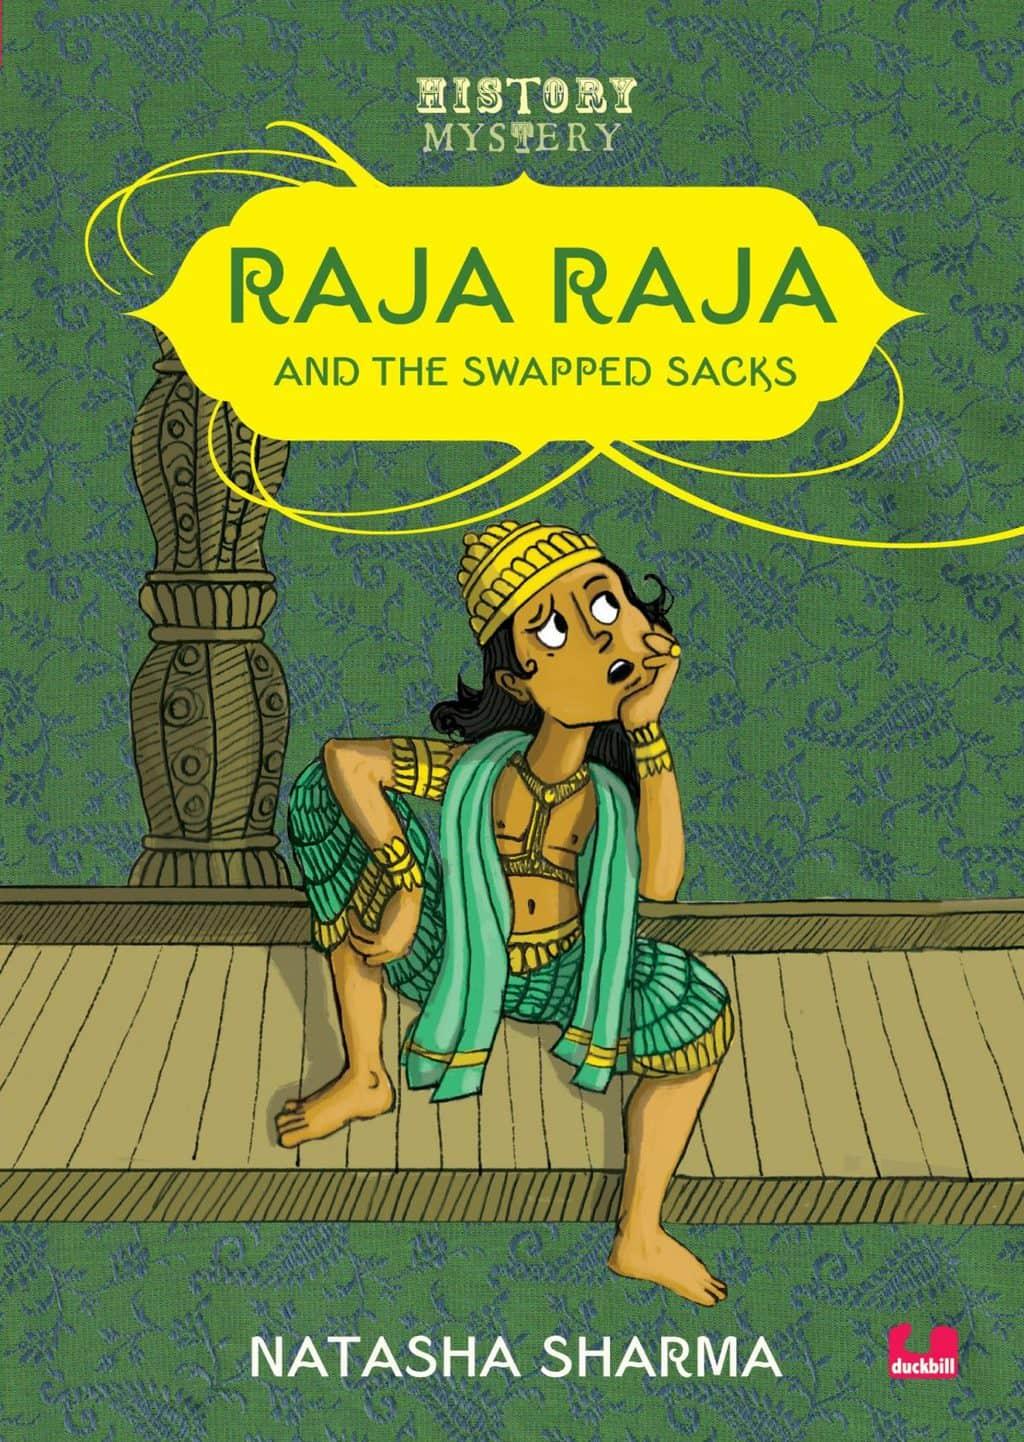 Raja Raja and the Swapped Sacks by Natasha Sharma